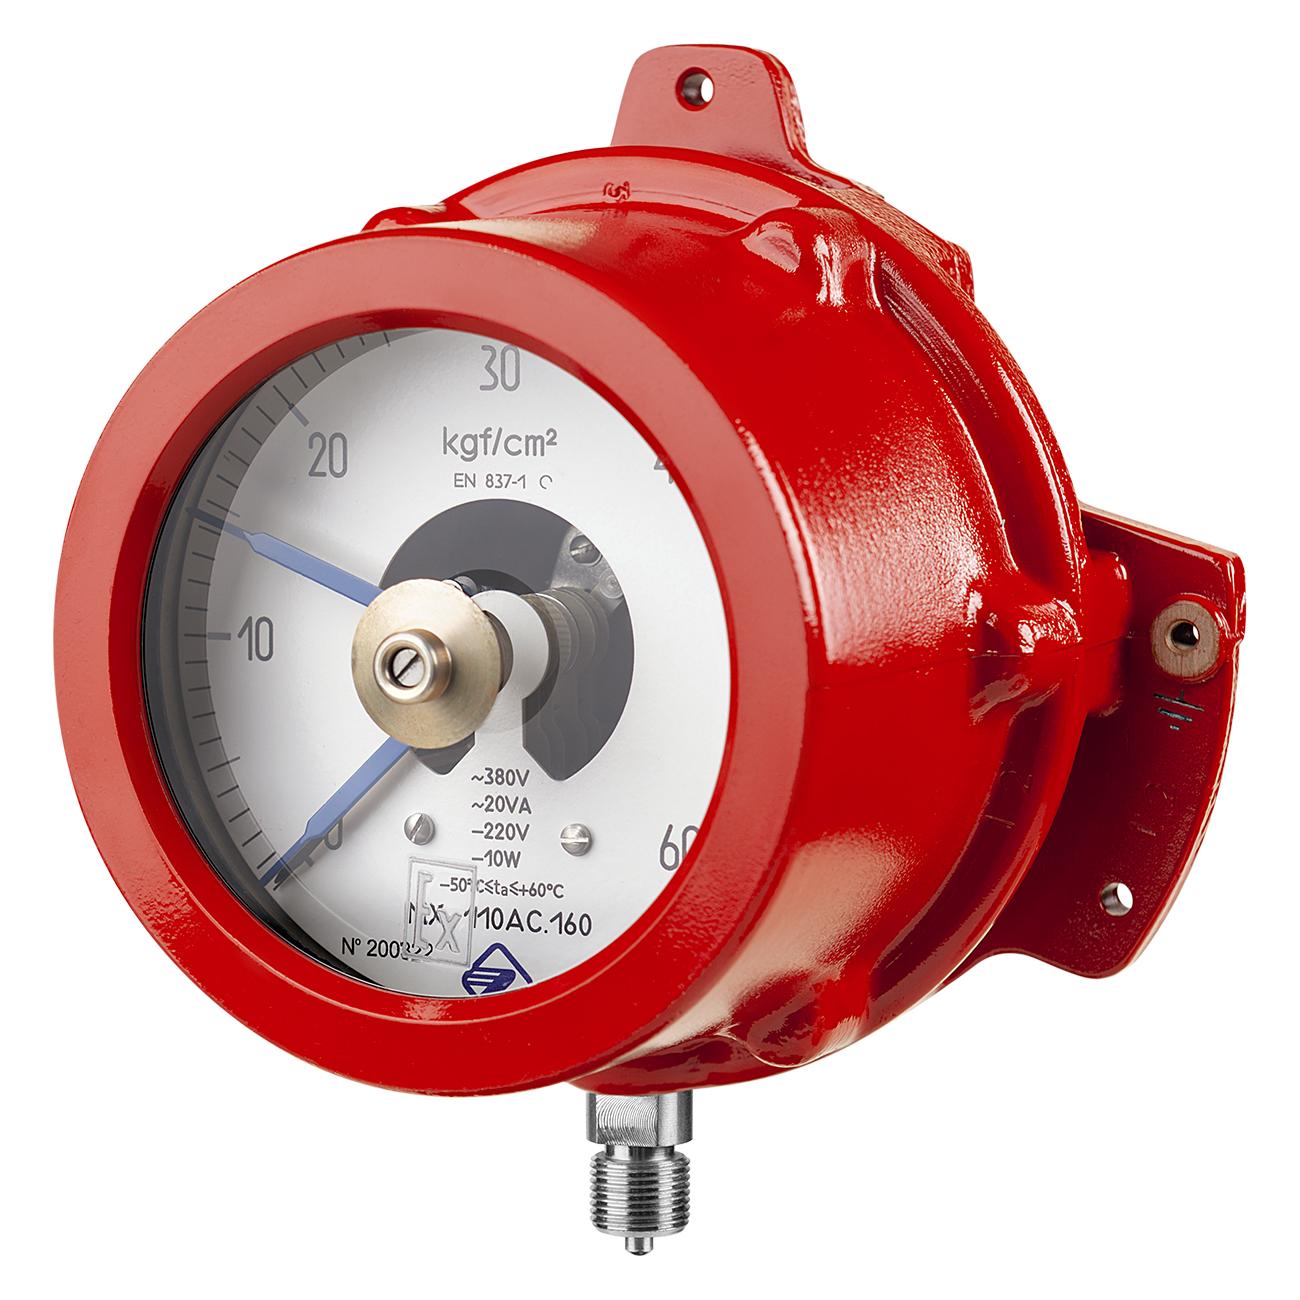 Pressure Gauges MKH 110АС.160